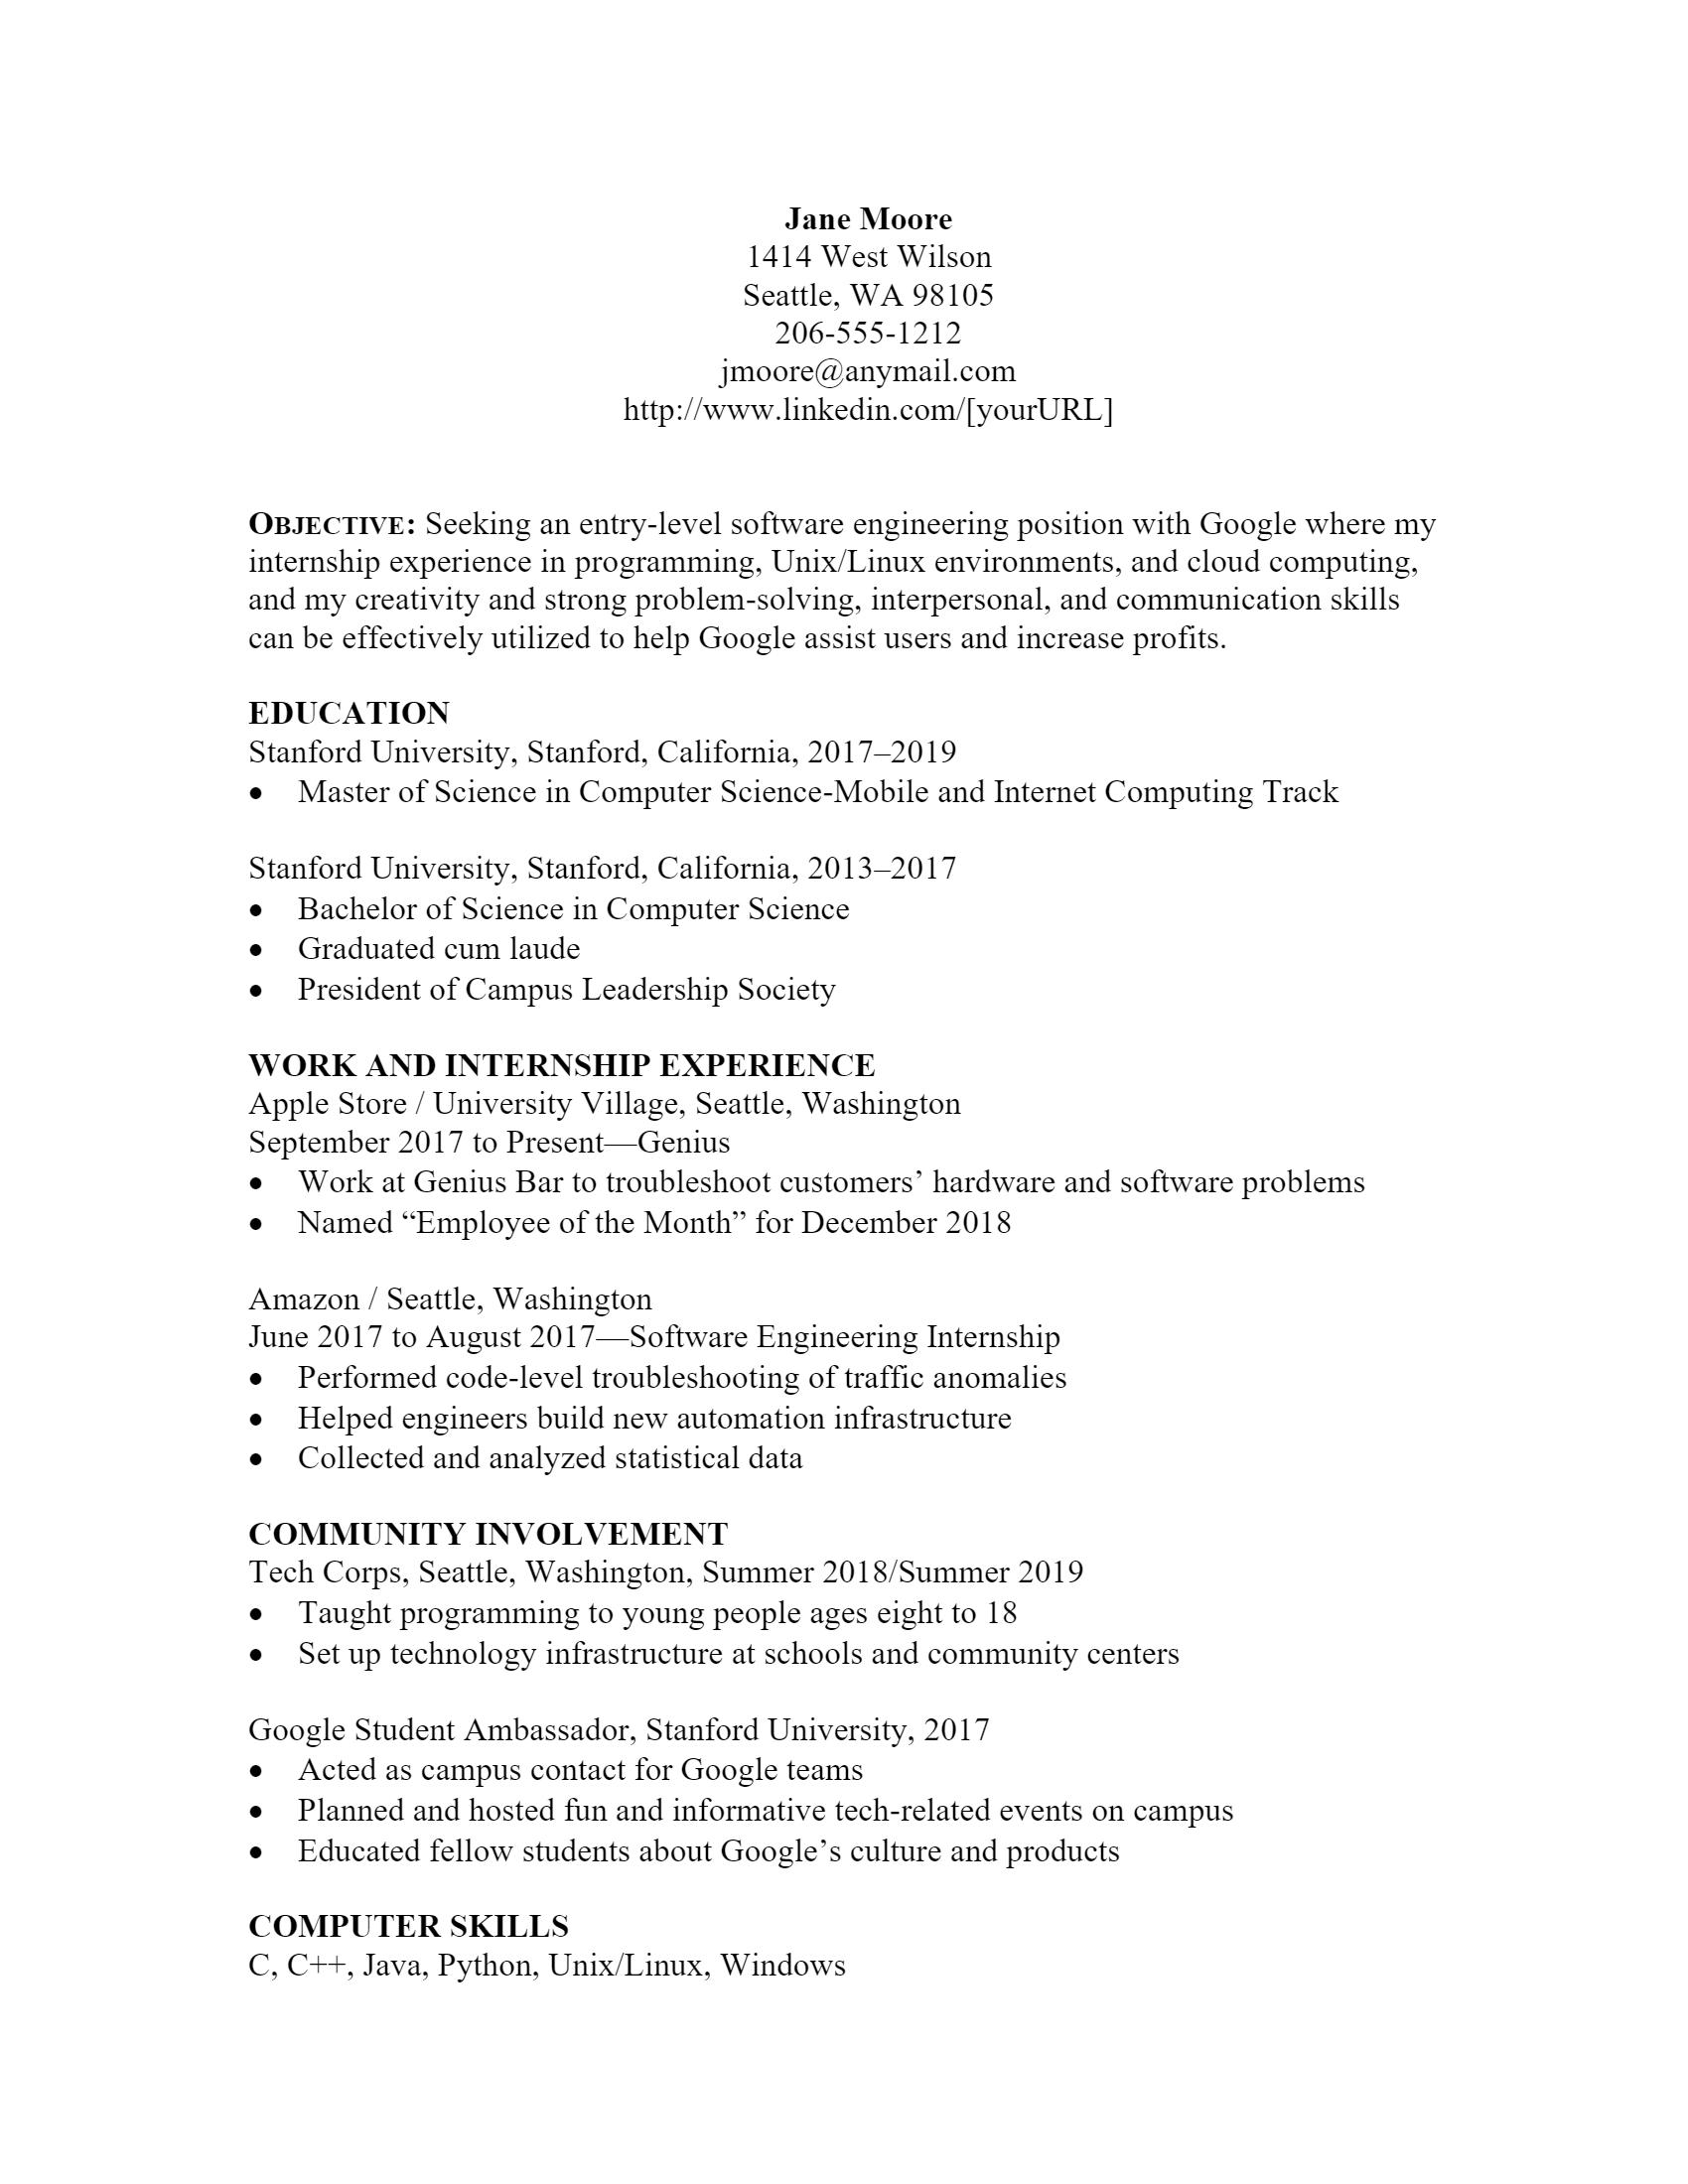 Software Engineer Resume > Software Engineer Resume .Docx (Word)